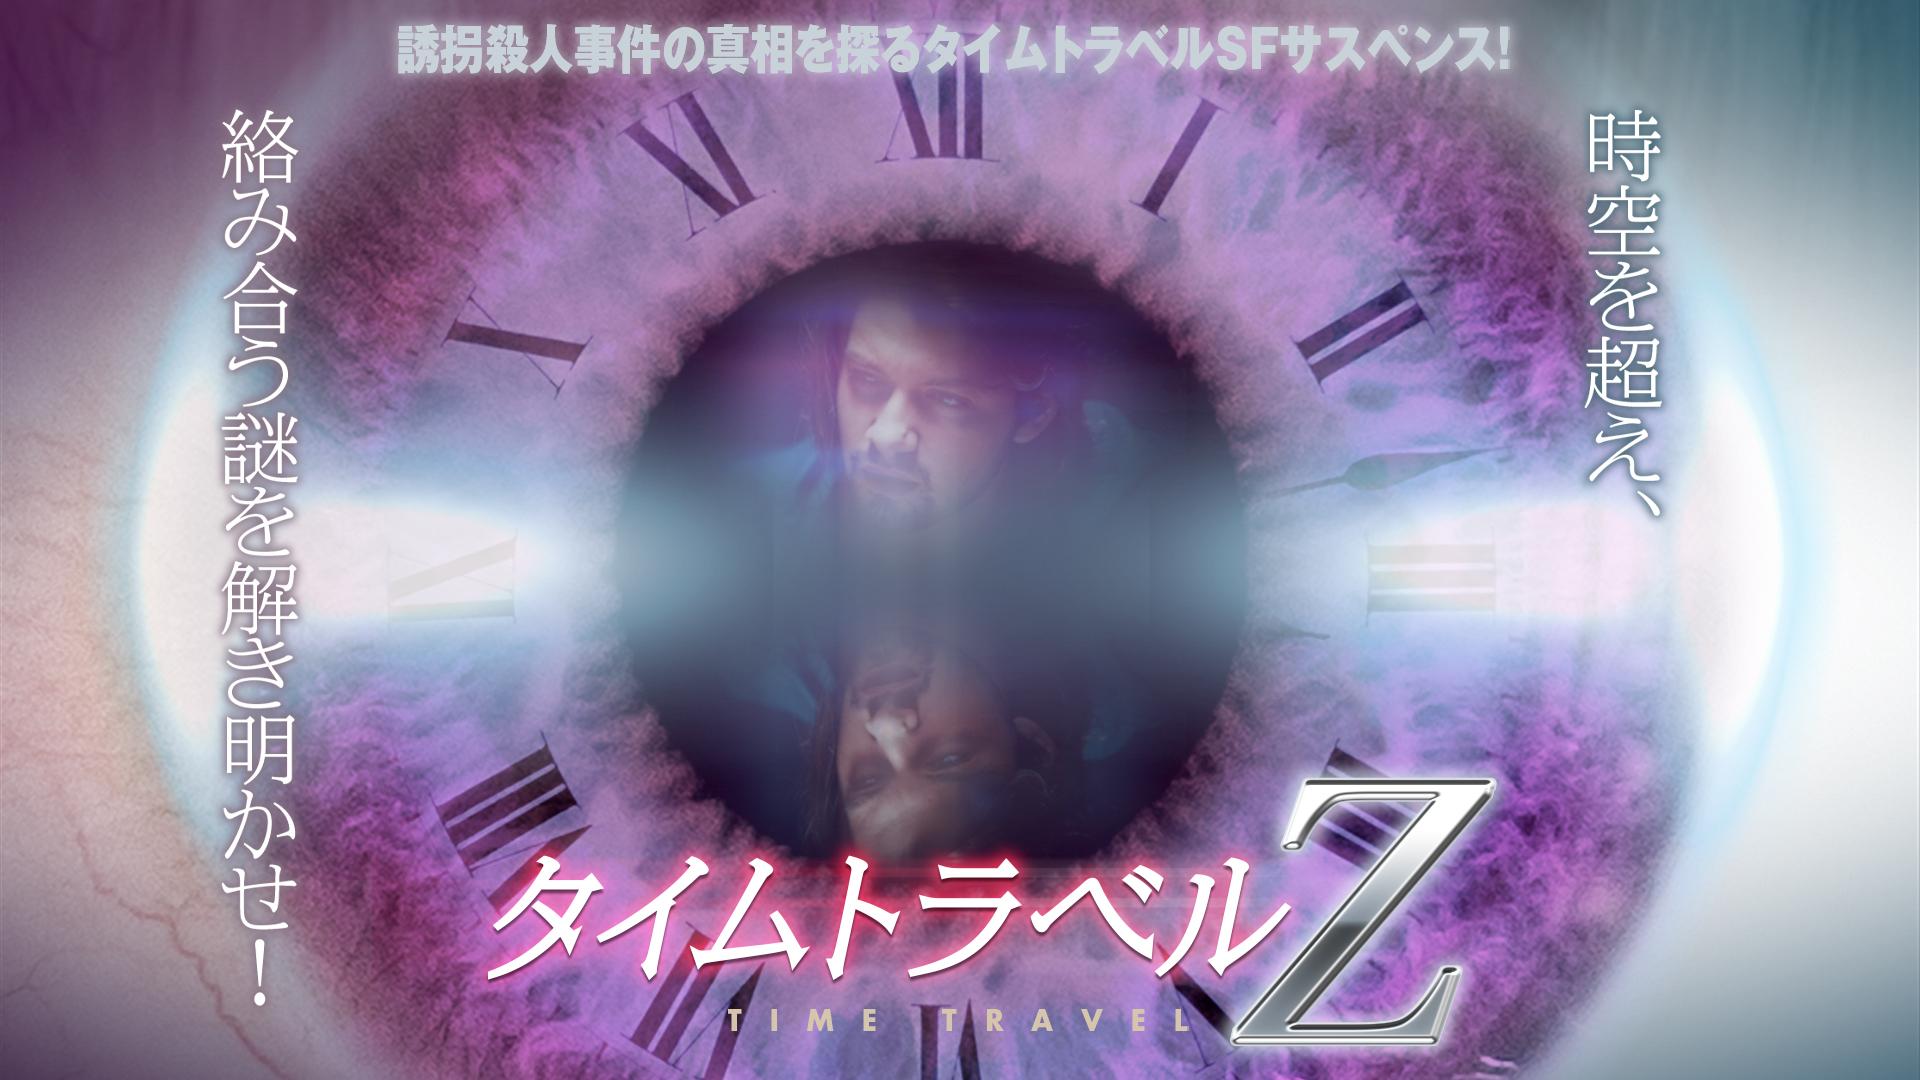 タイムトラベルZ(字幕版)